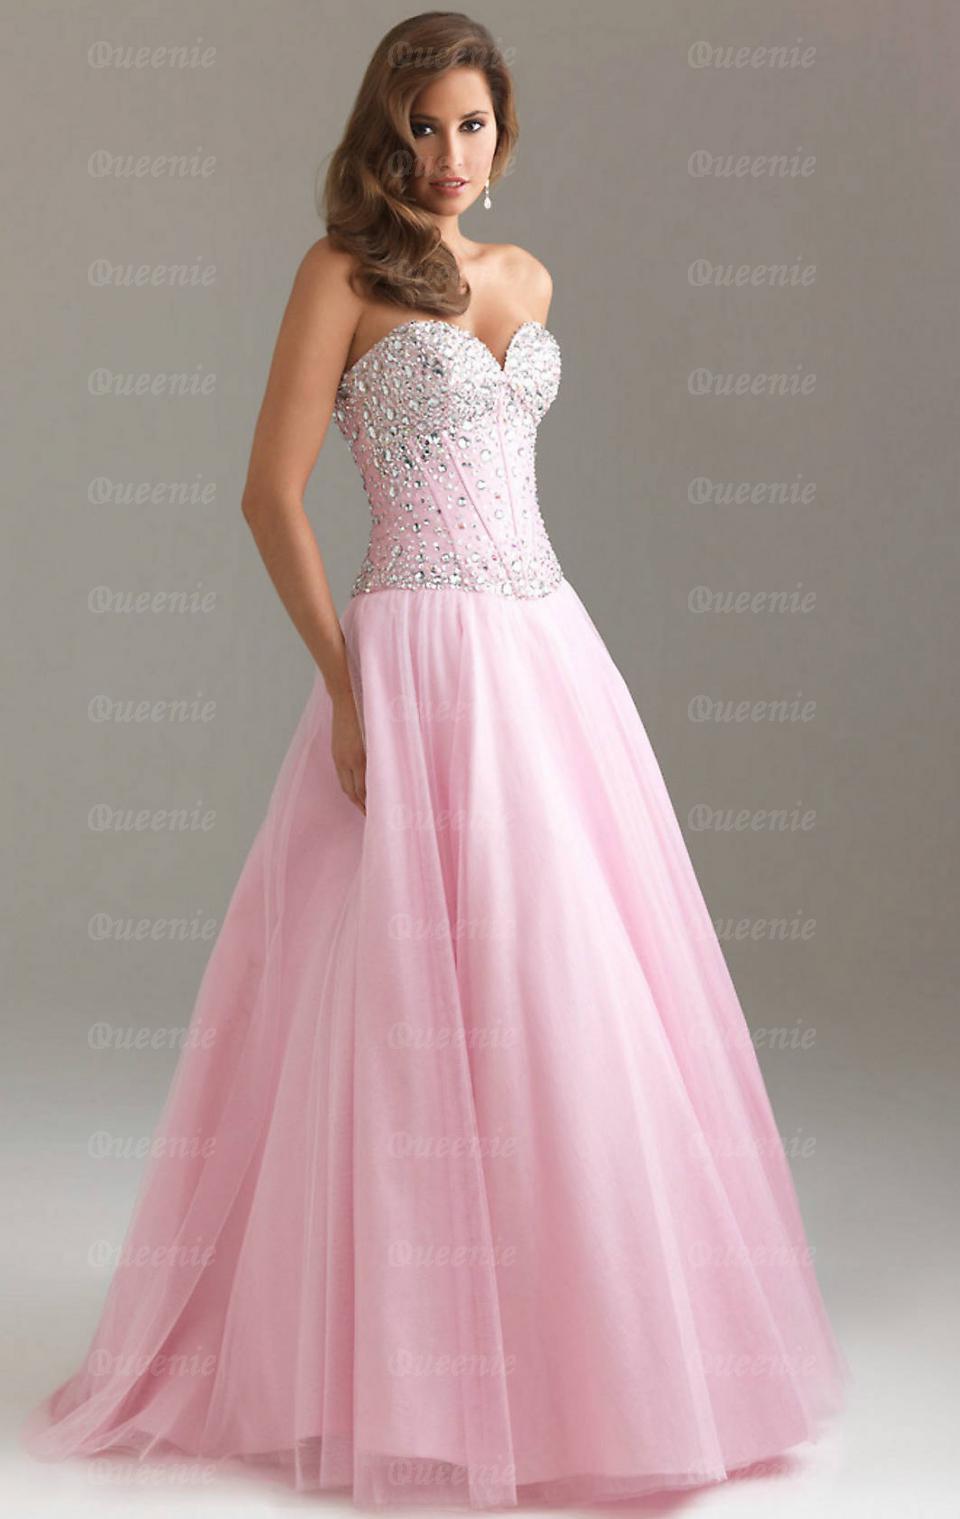 Fantastisch Abendkleider Rose ÄrmelAbend Perfekt Abendkleider Rose Design